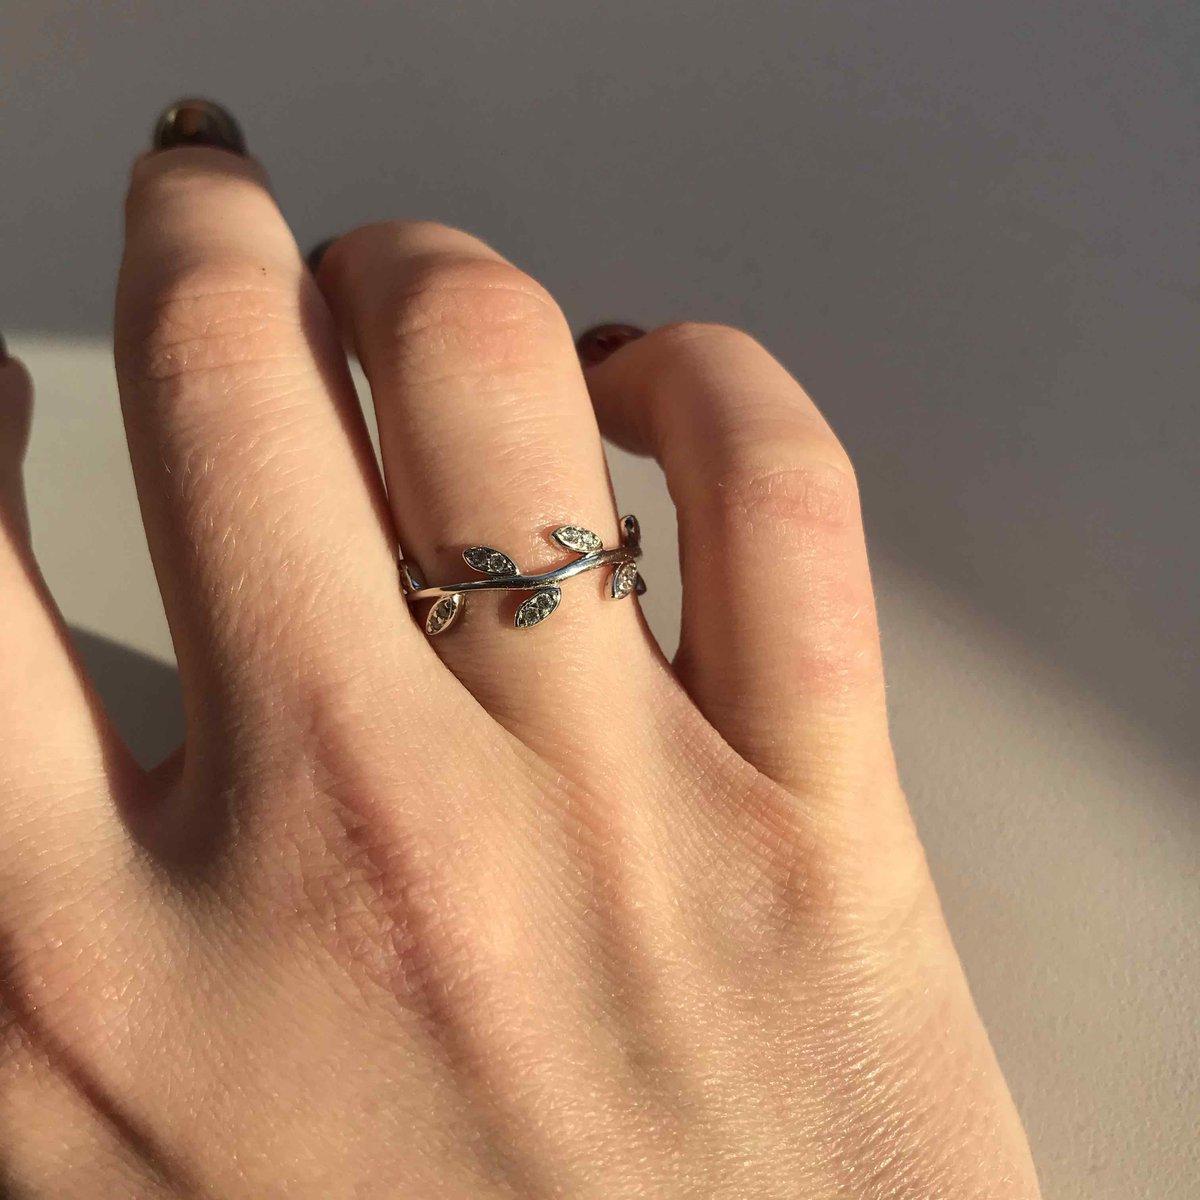 Просто соска, а не кольцо 🤤